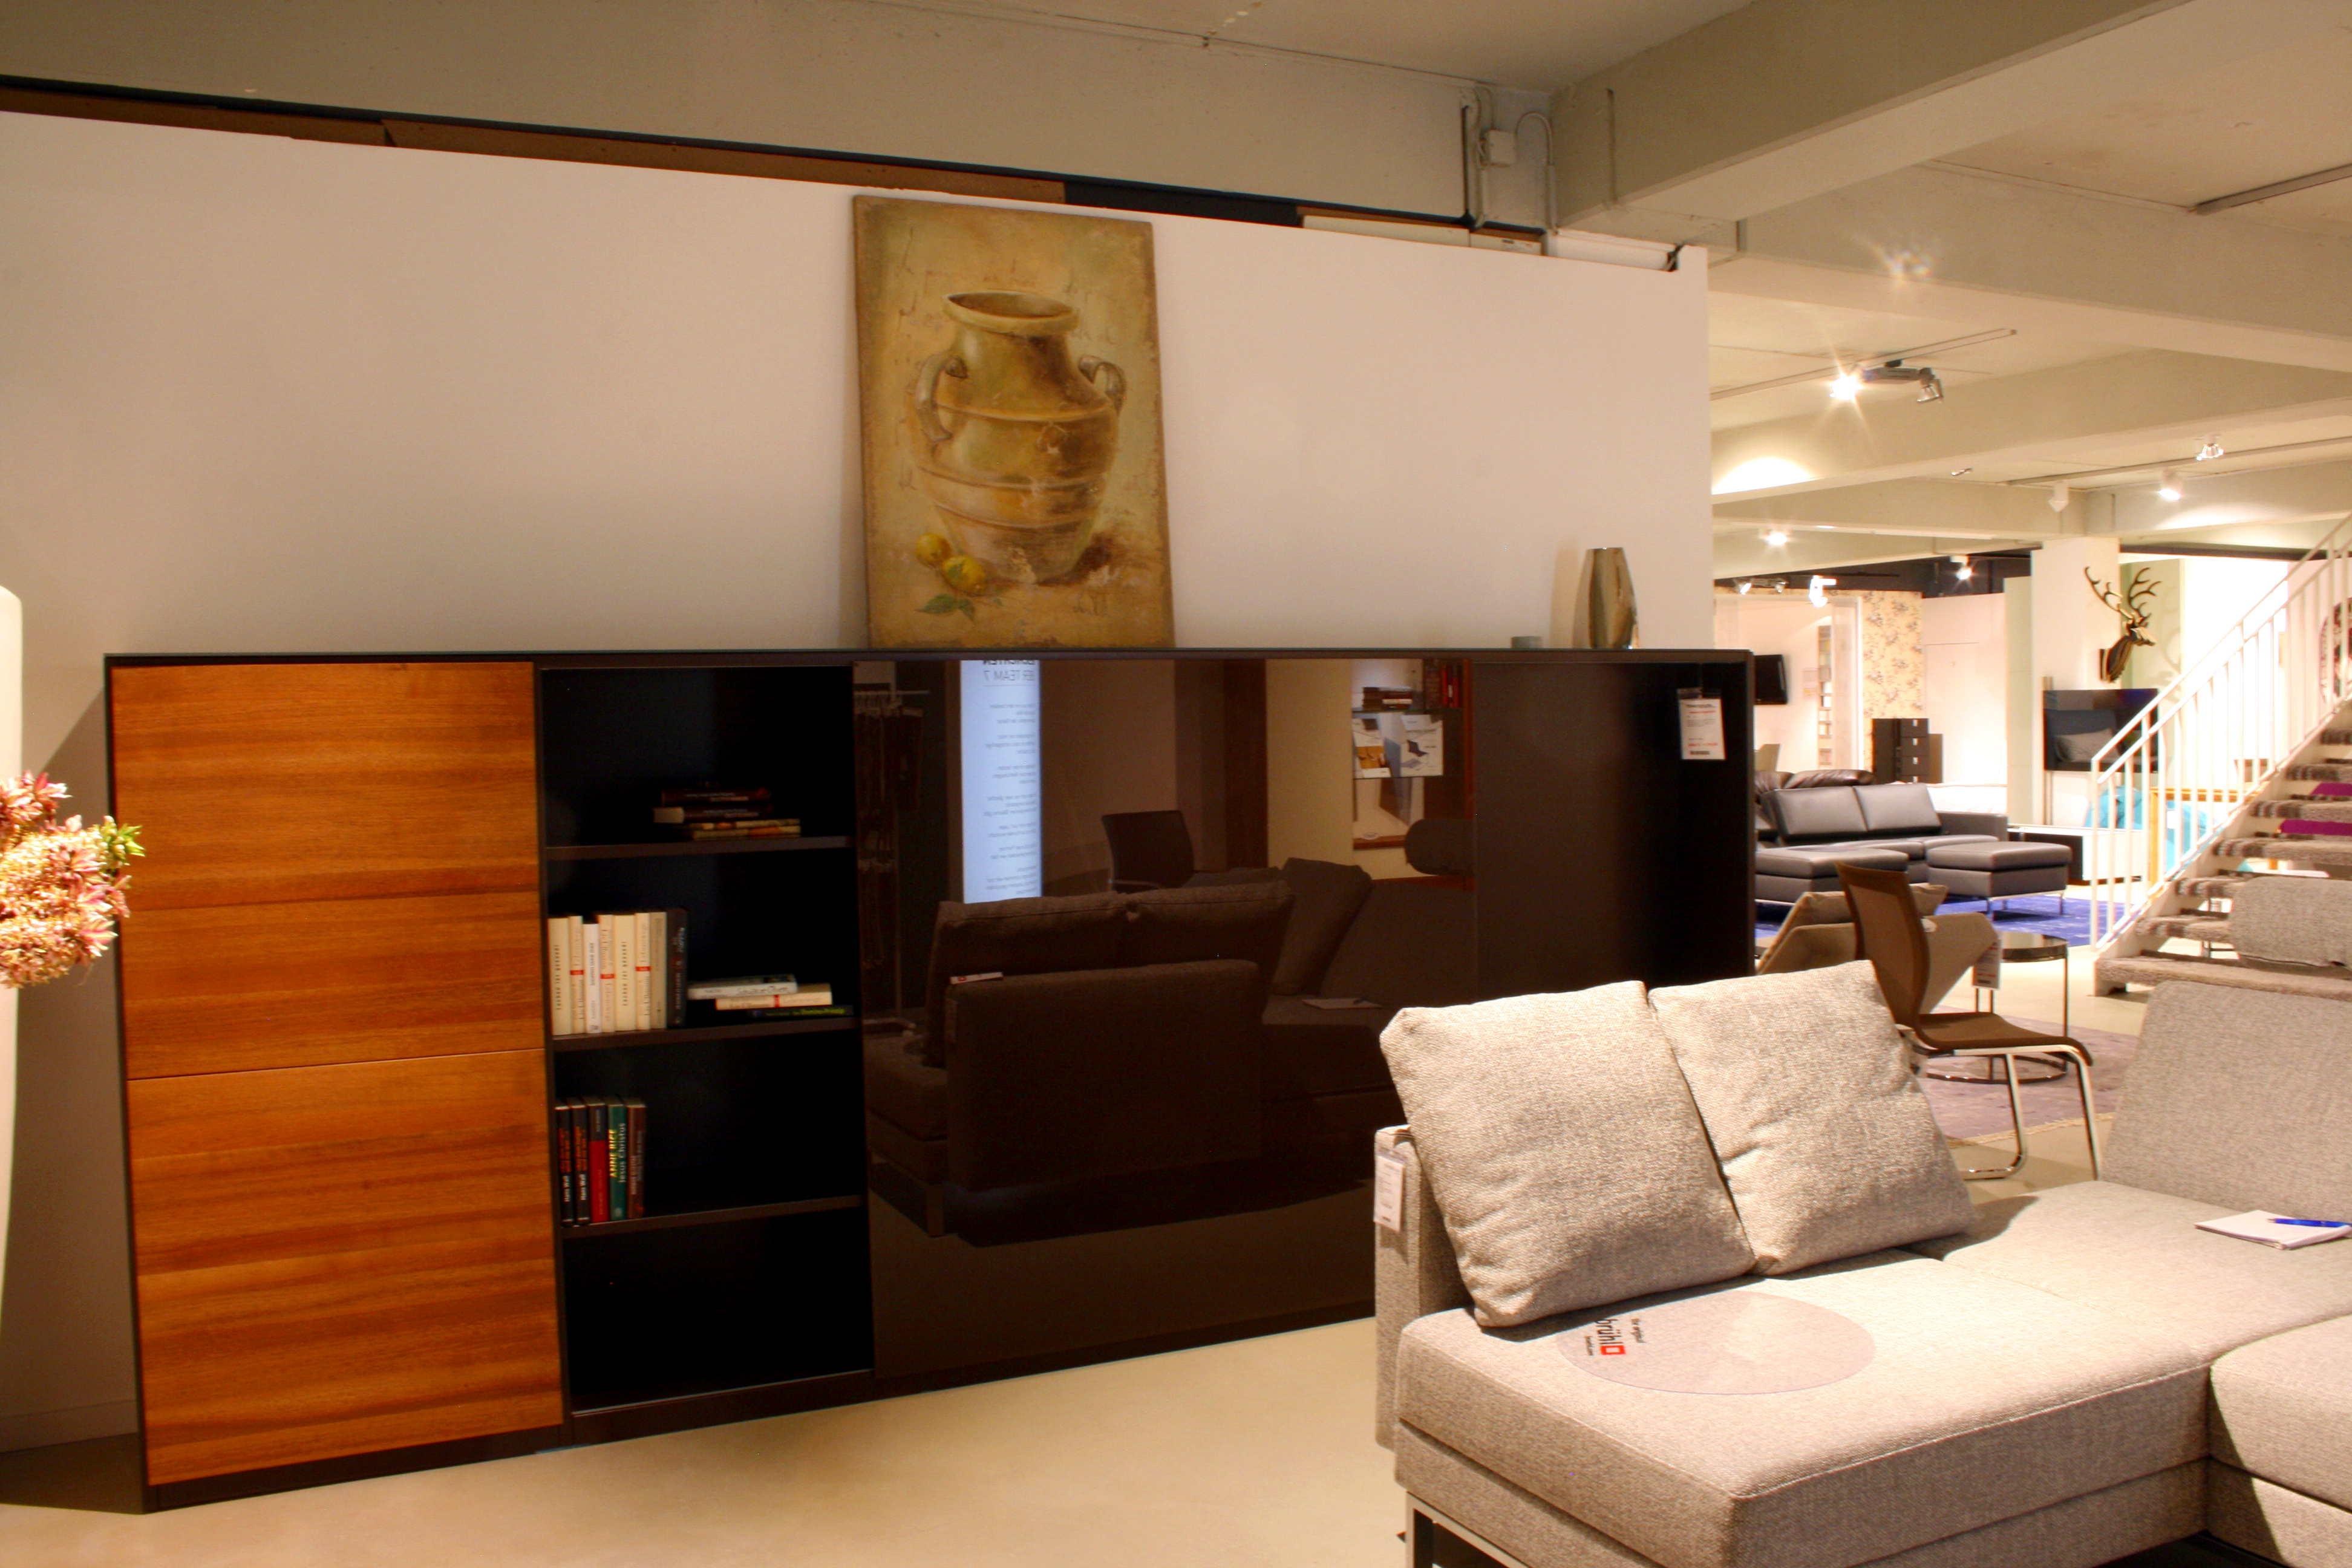 sale gruber schlager n rnberg f rth tendenza. Black Bedroom Furniture Sets. Home Design Ideas